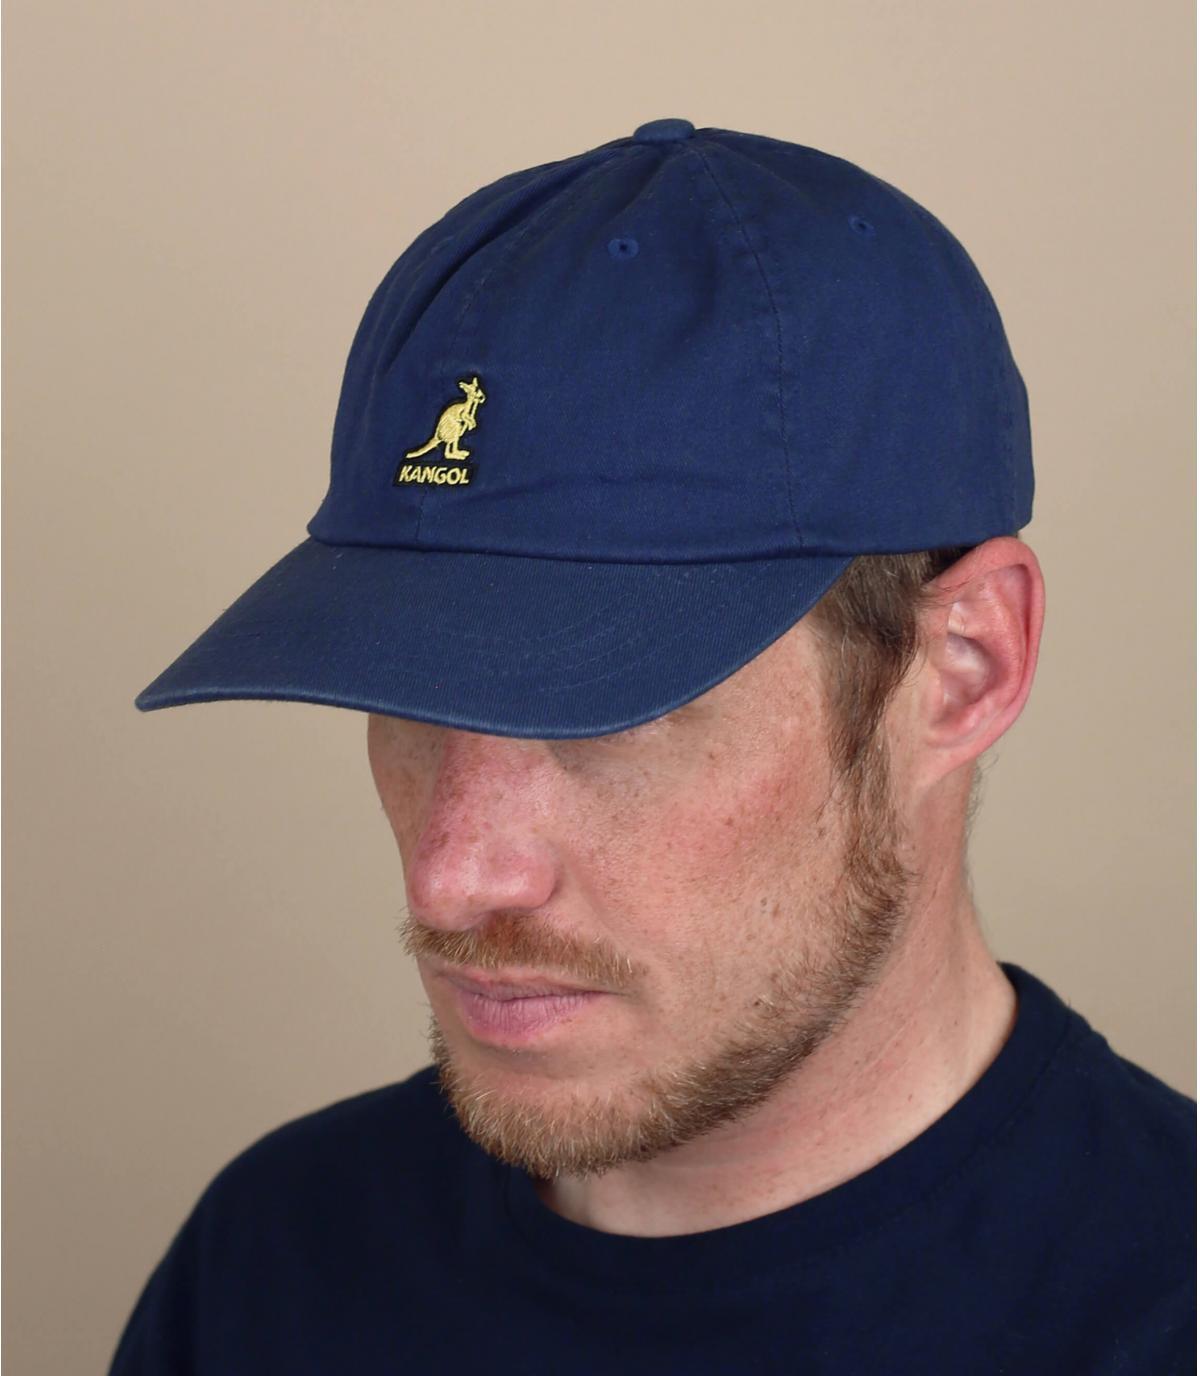 cappellino Kangol blu marino